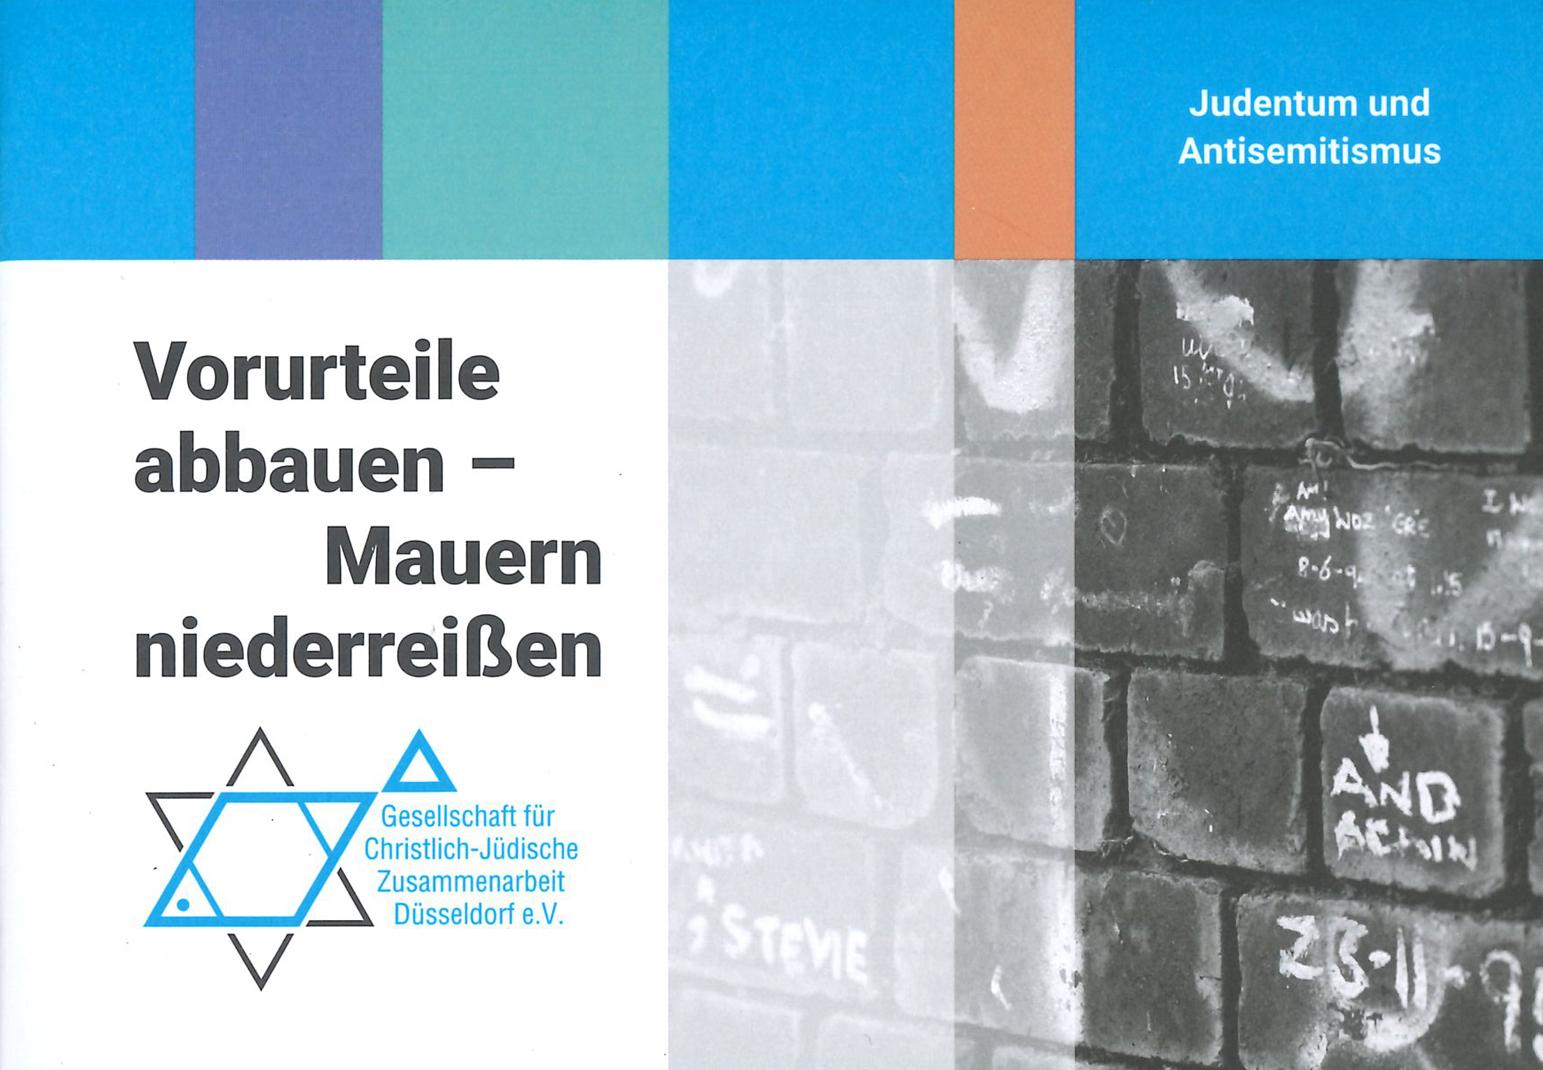 Mehr Infos zum Buch: Vorurteile abbauen - Mauern niederreißen